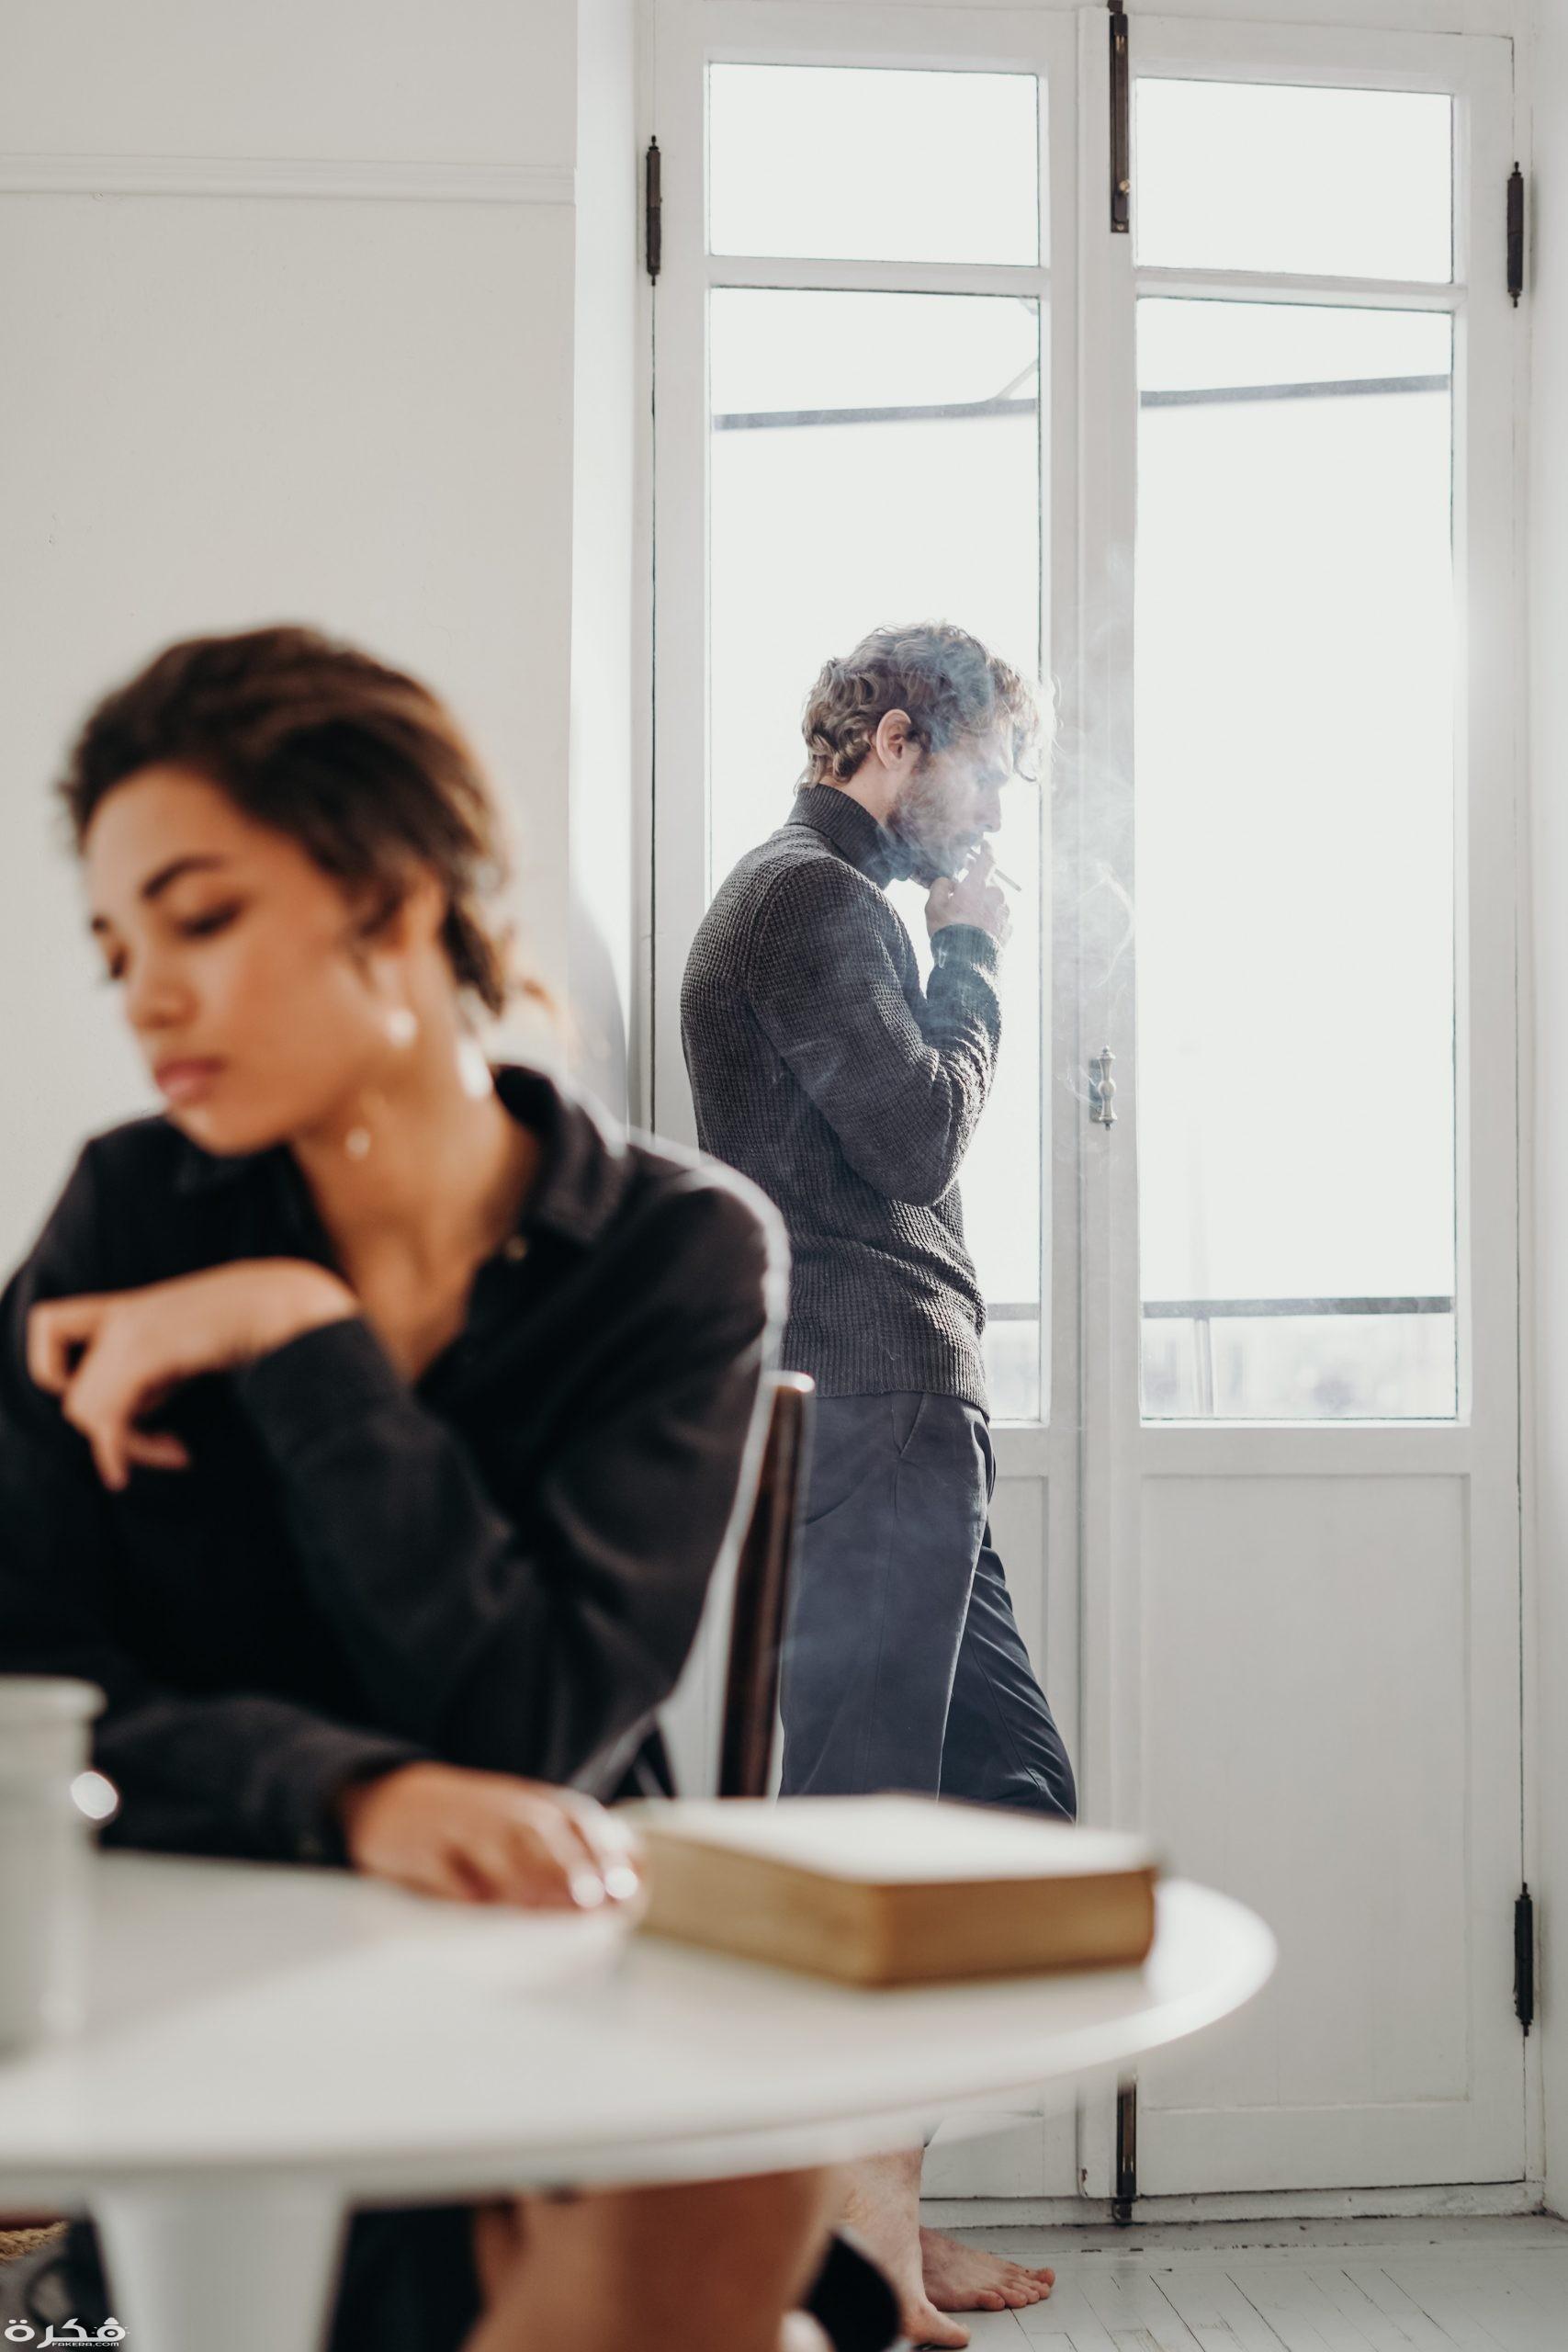 تفسير حلم رؤية هروب الزوج من زوجته بالتفصيل موقع فكرة